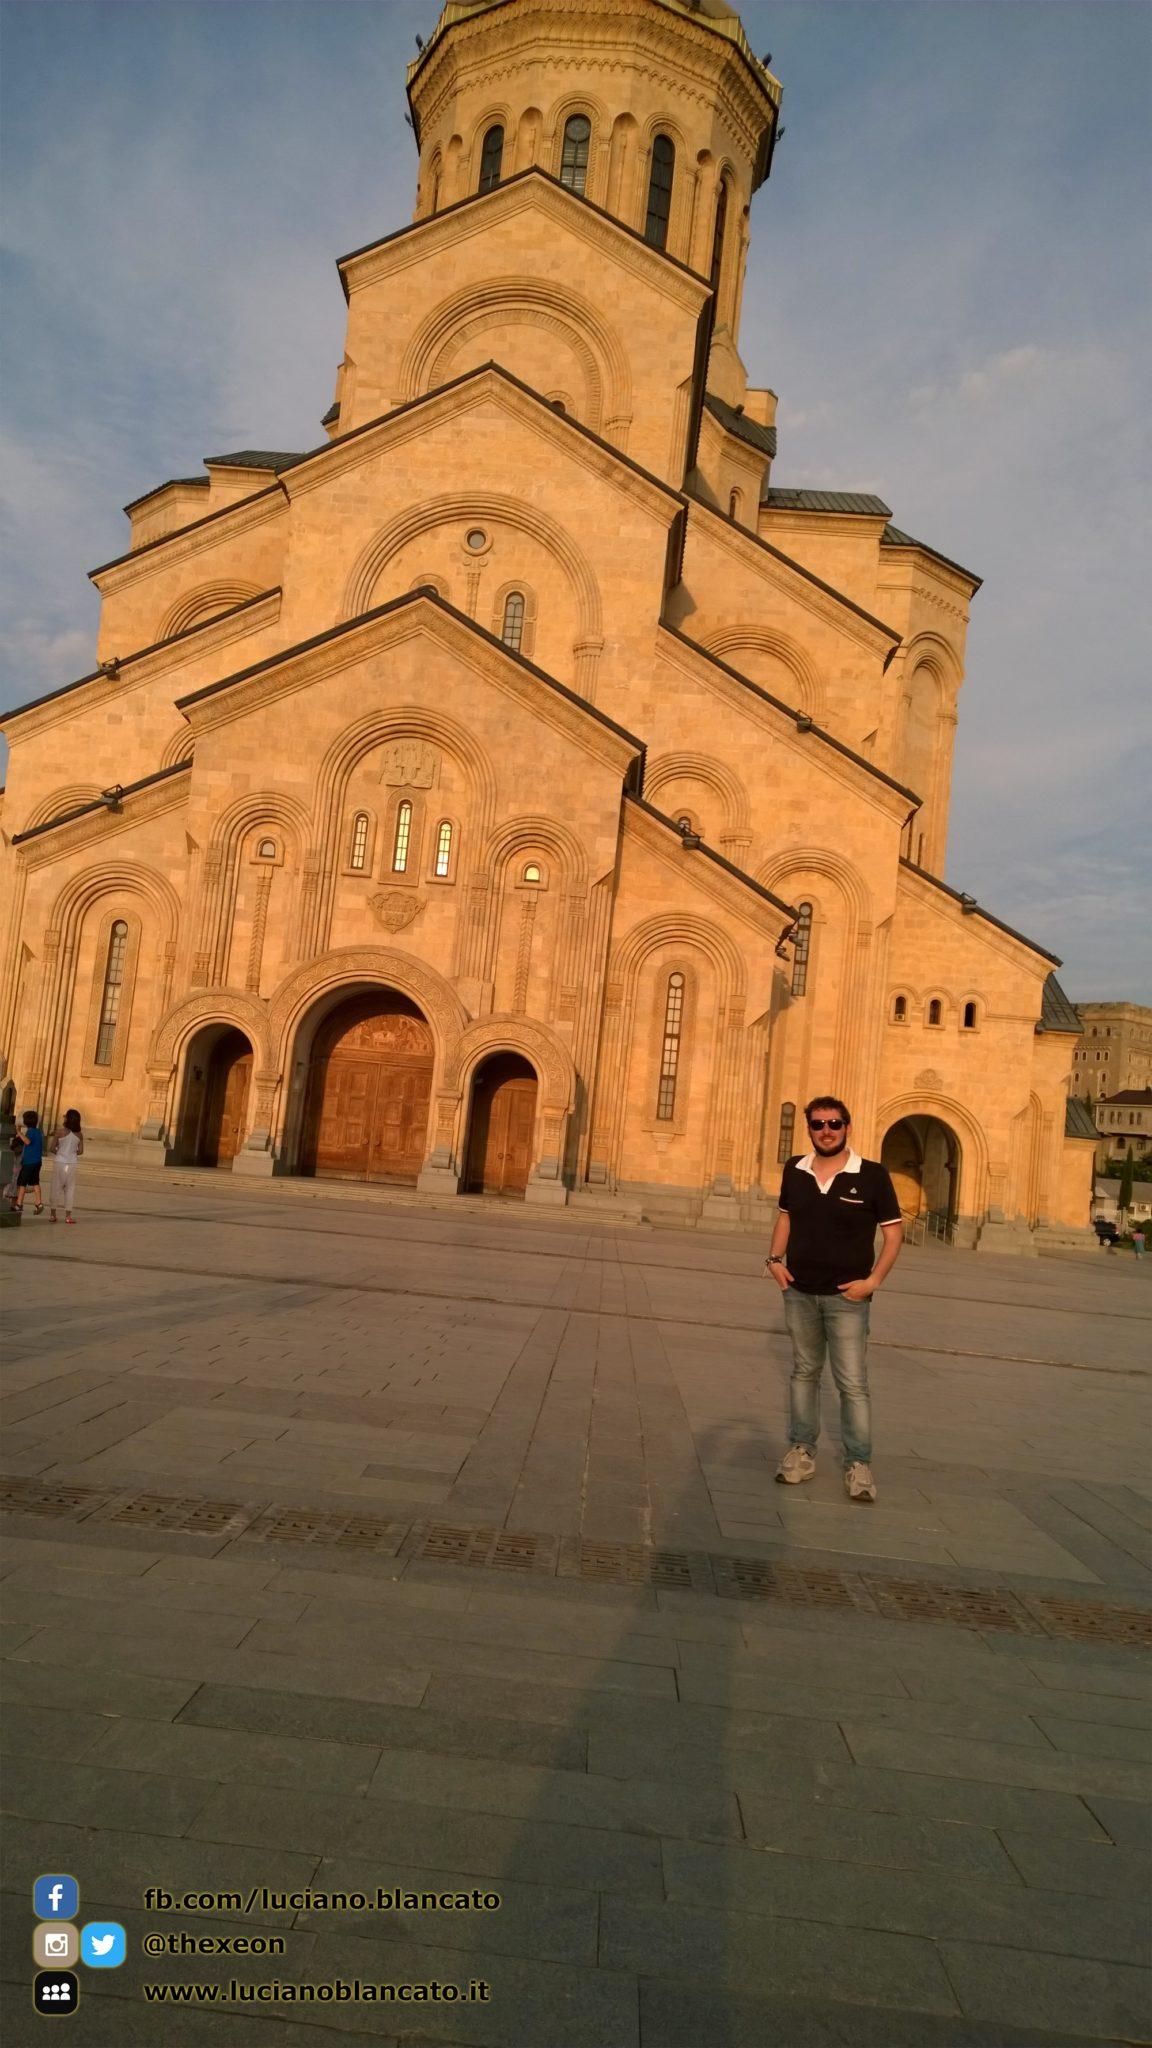 Tbilisi - 2014 - foto n 0047